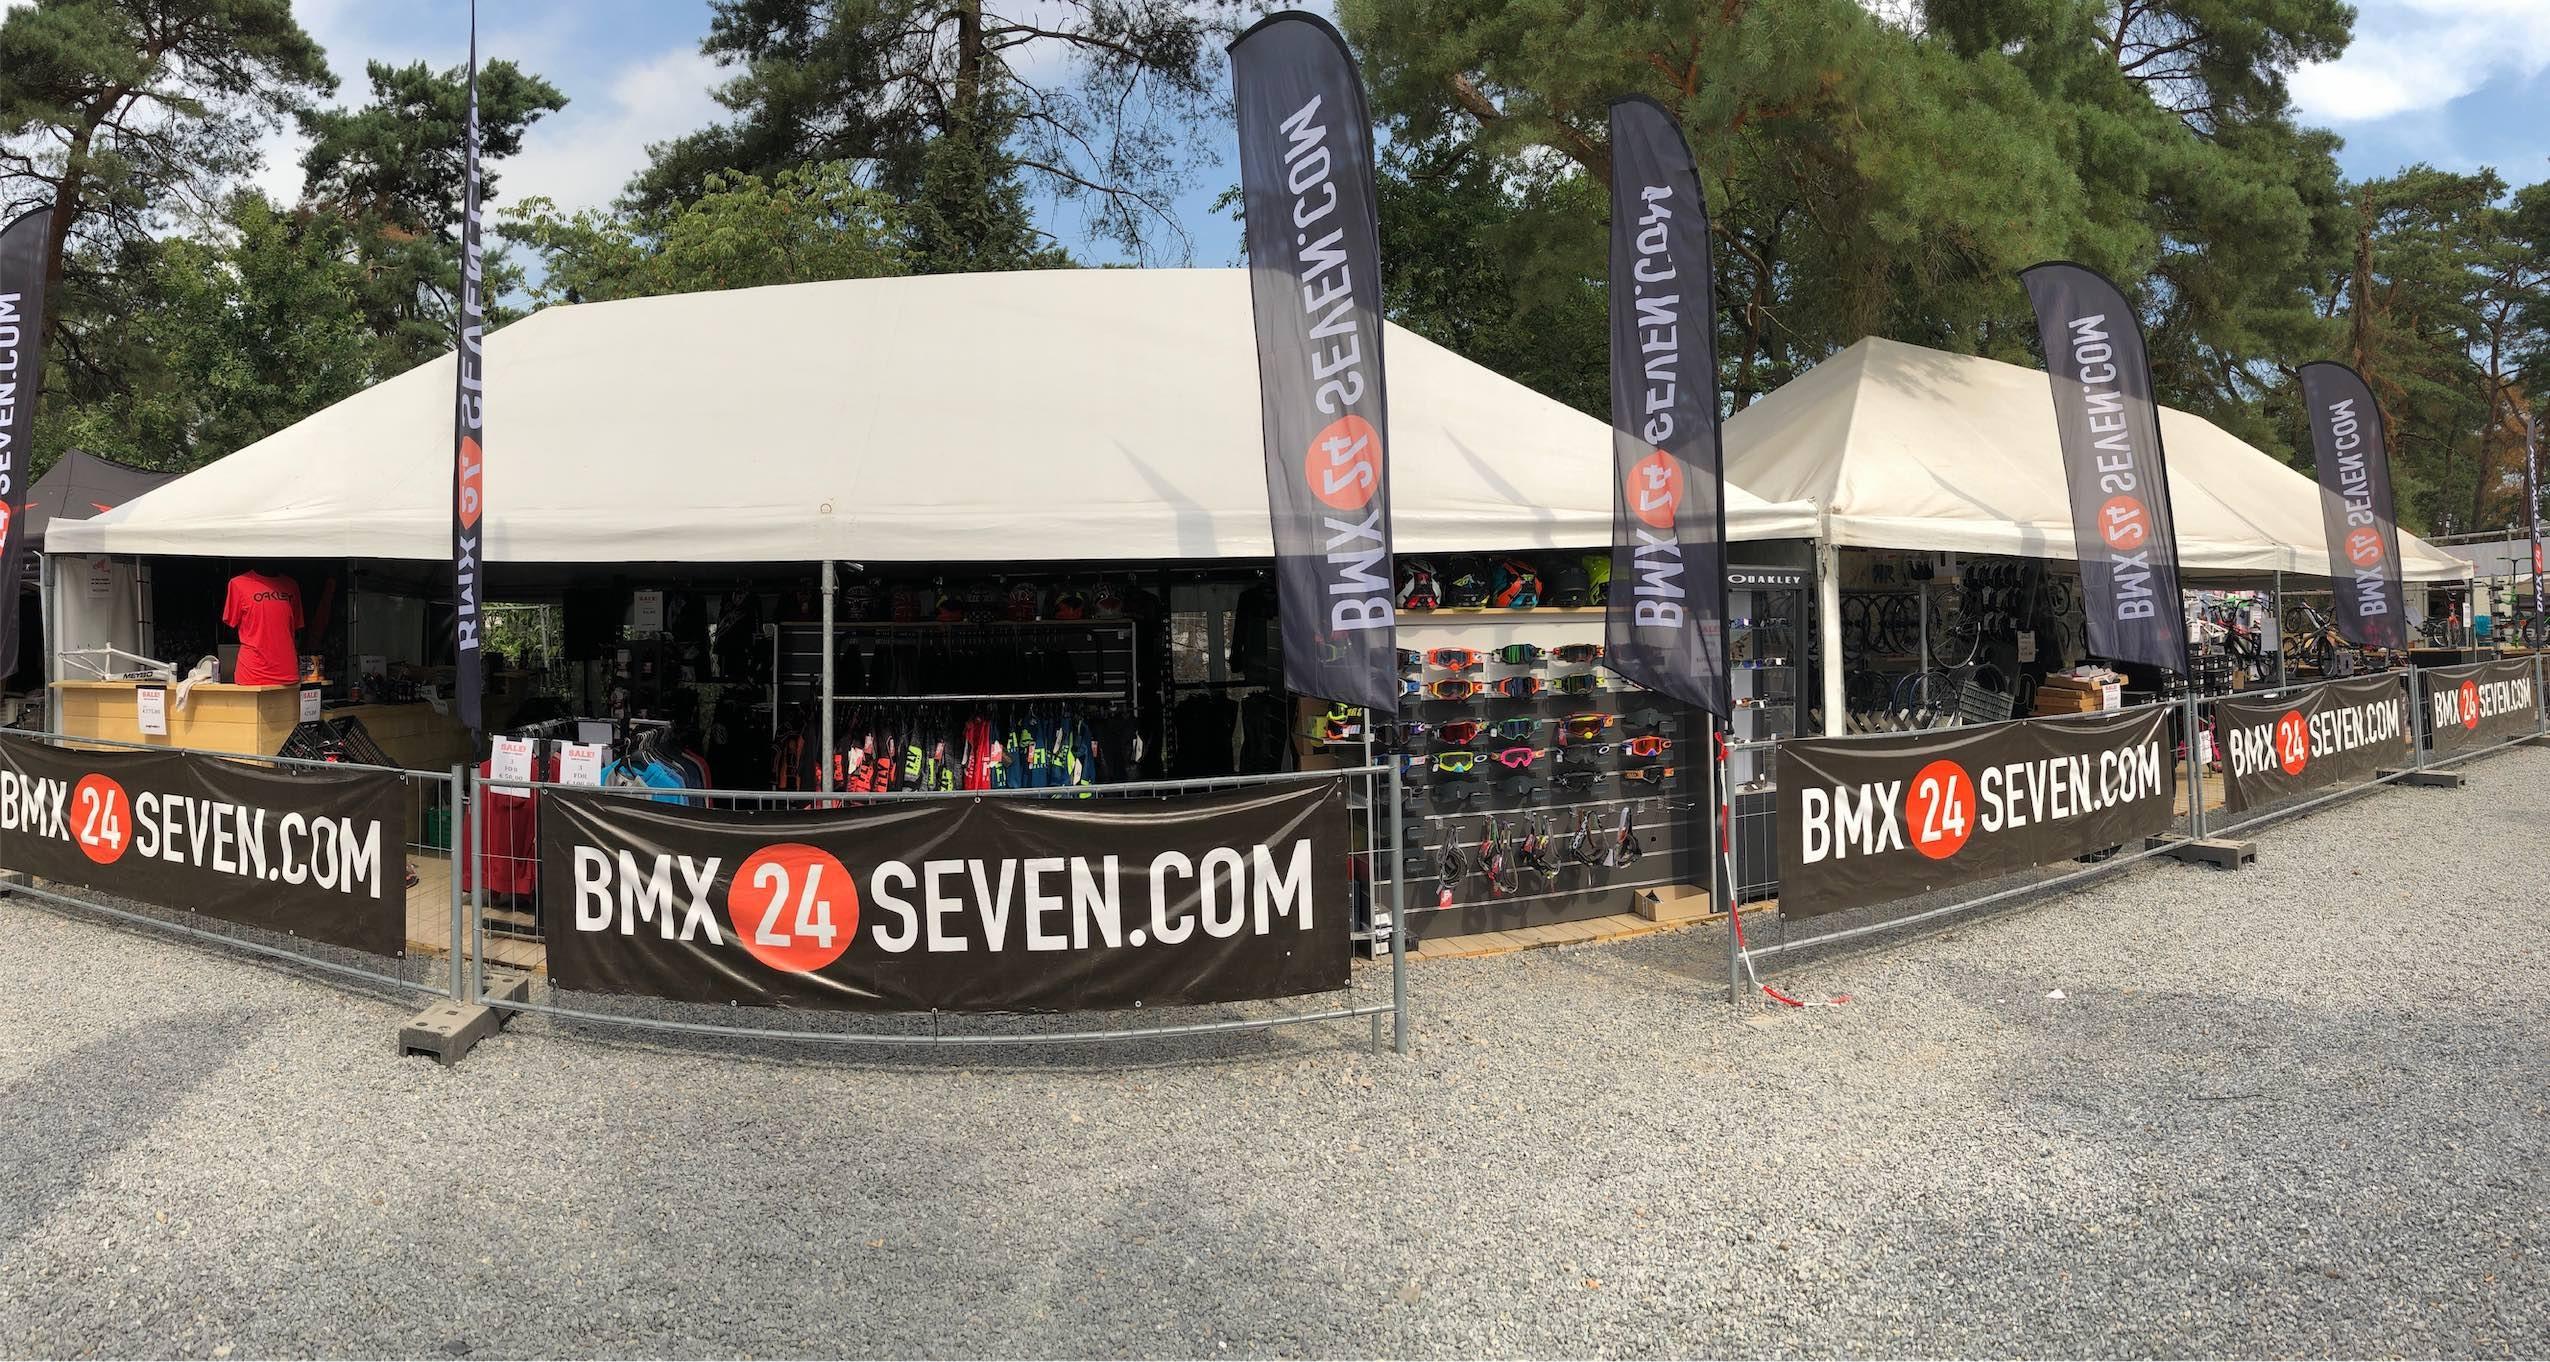 BMX Worlds Zolder setup